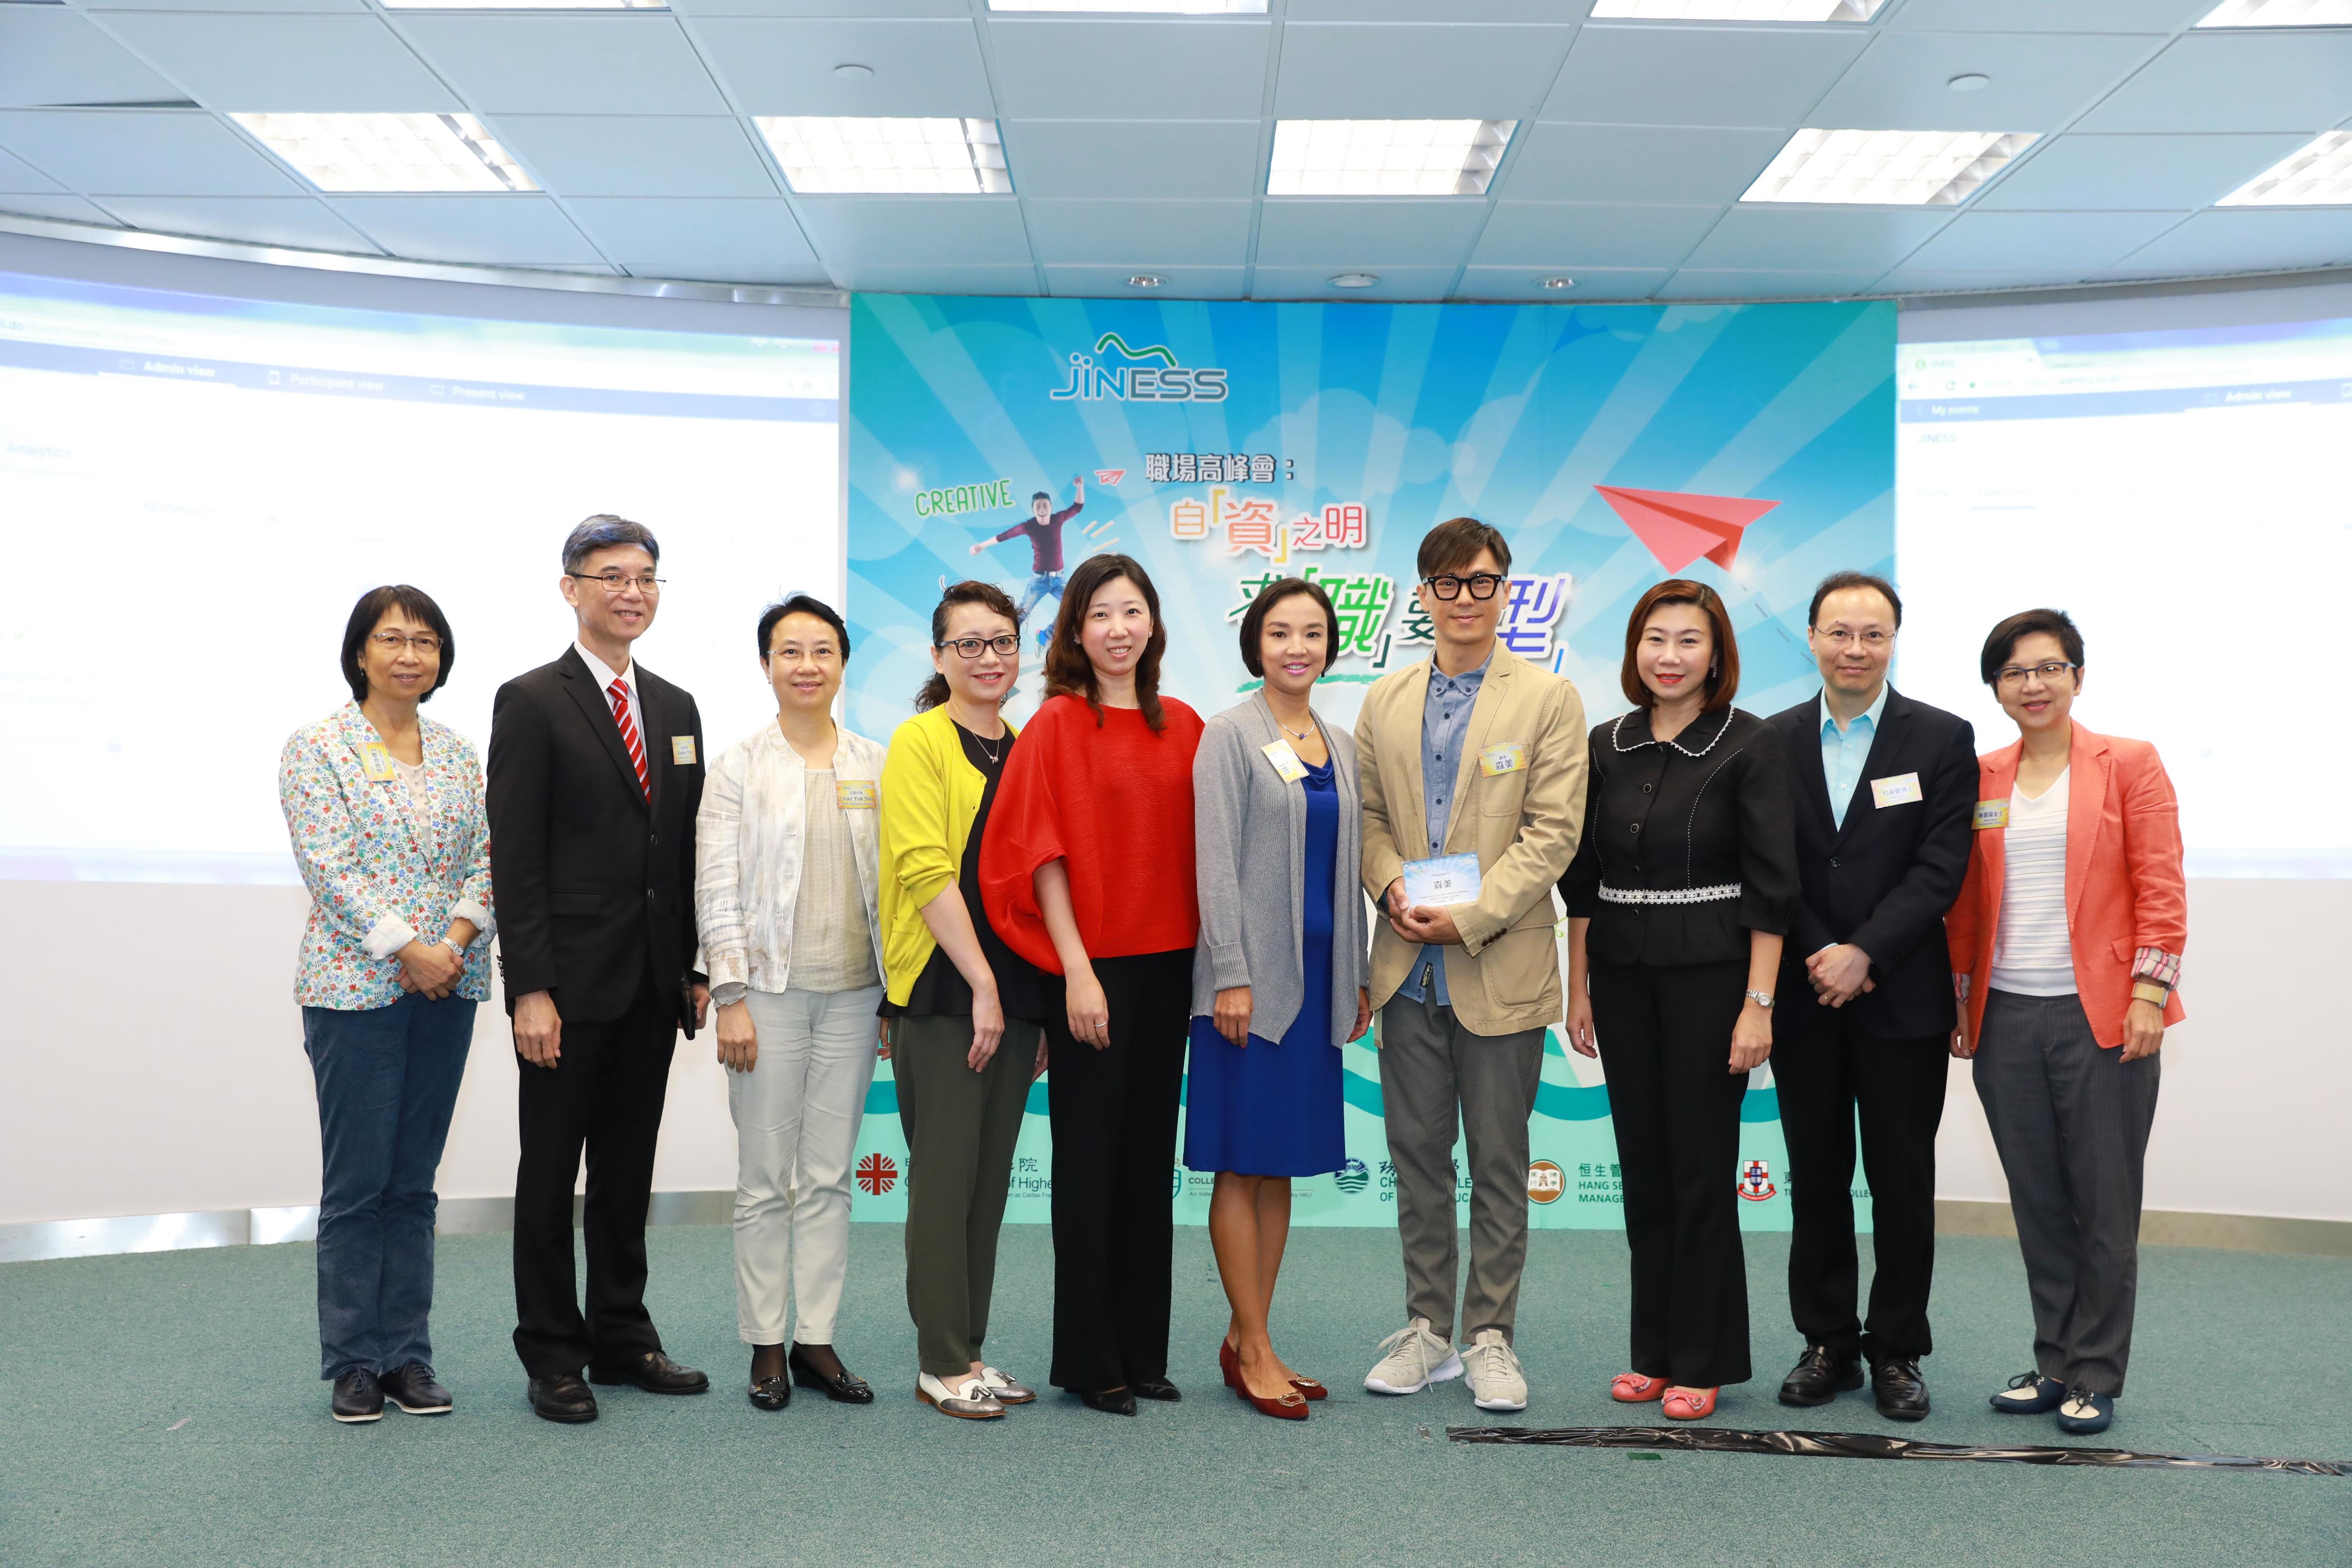 活動嘉賓與恒生管理學院代表合照